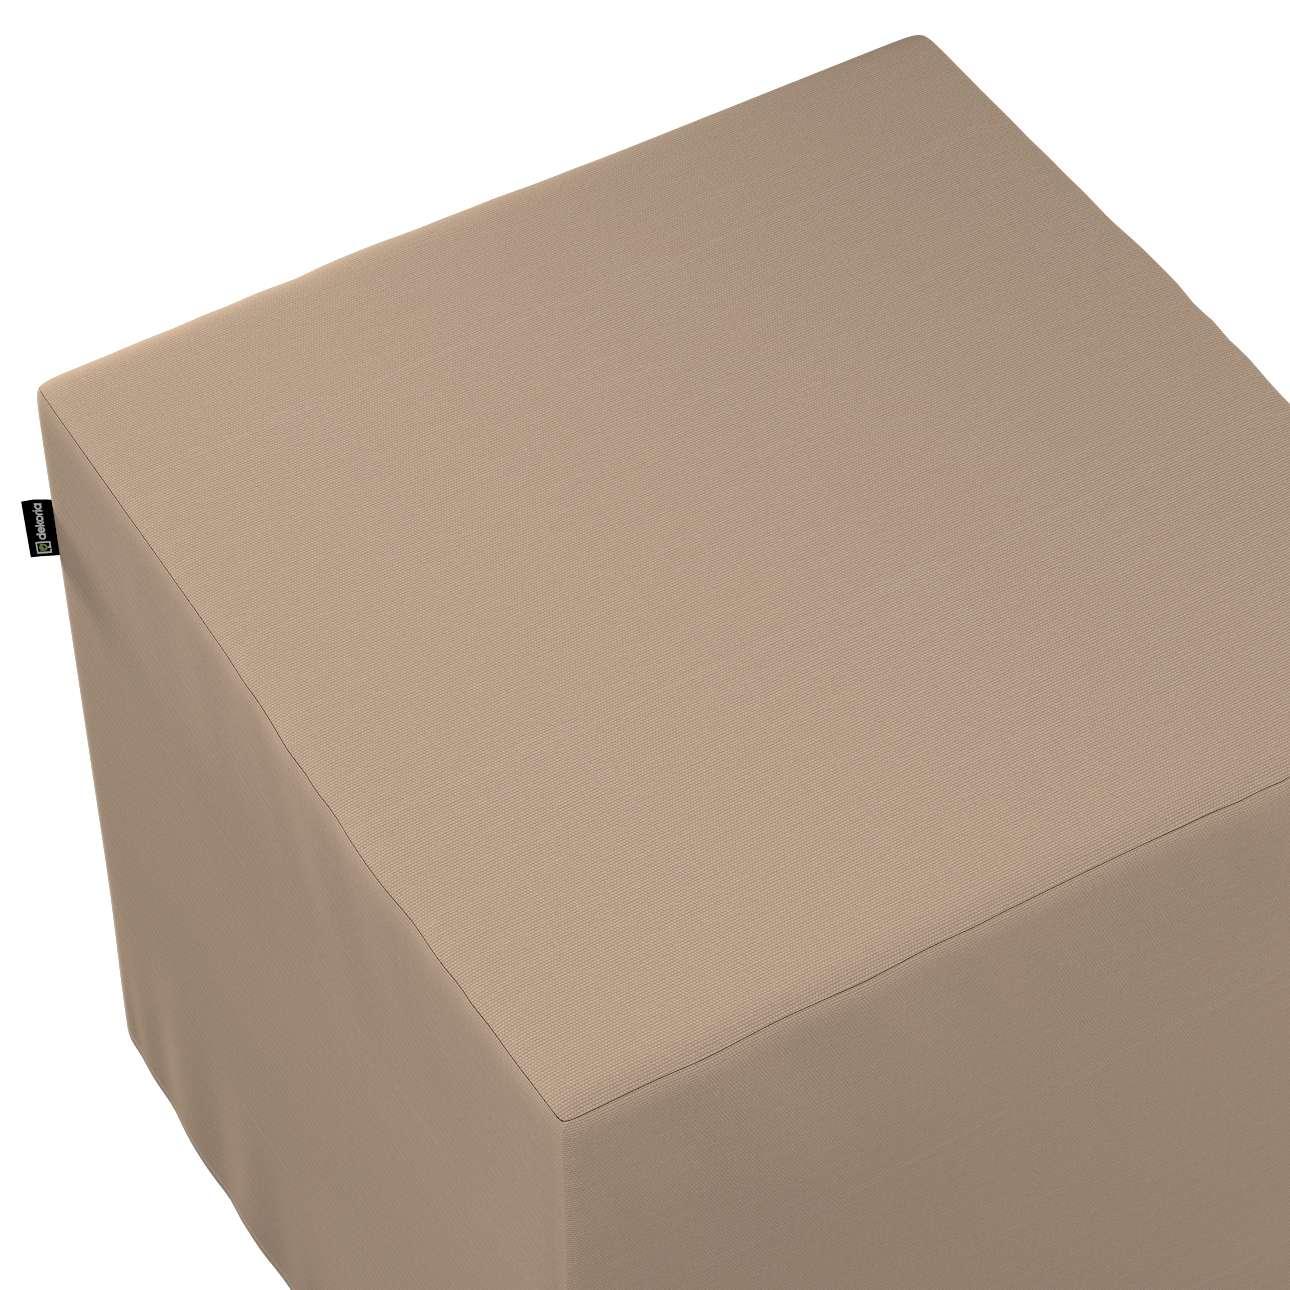 Bezug für Sitzwürfel von der Kollektion Cotton Panama, Stoff: 702-28